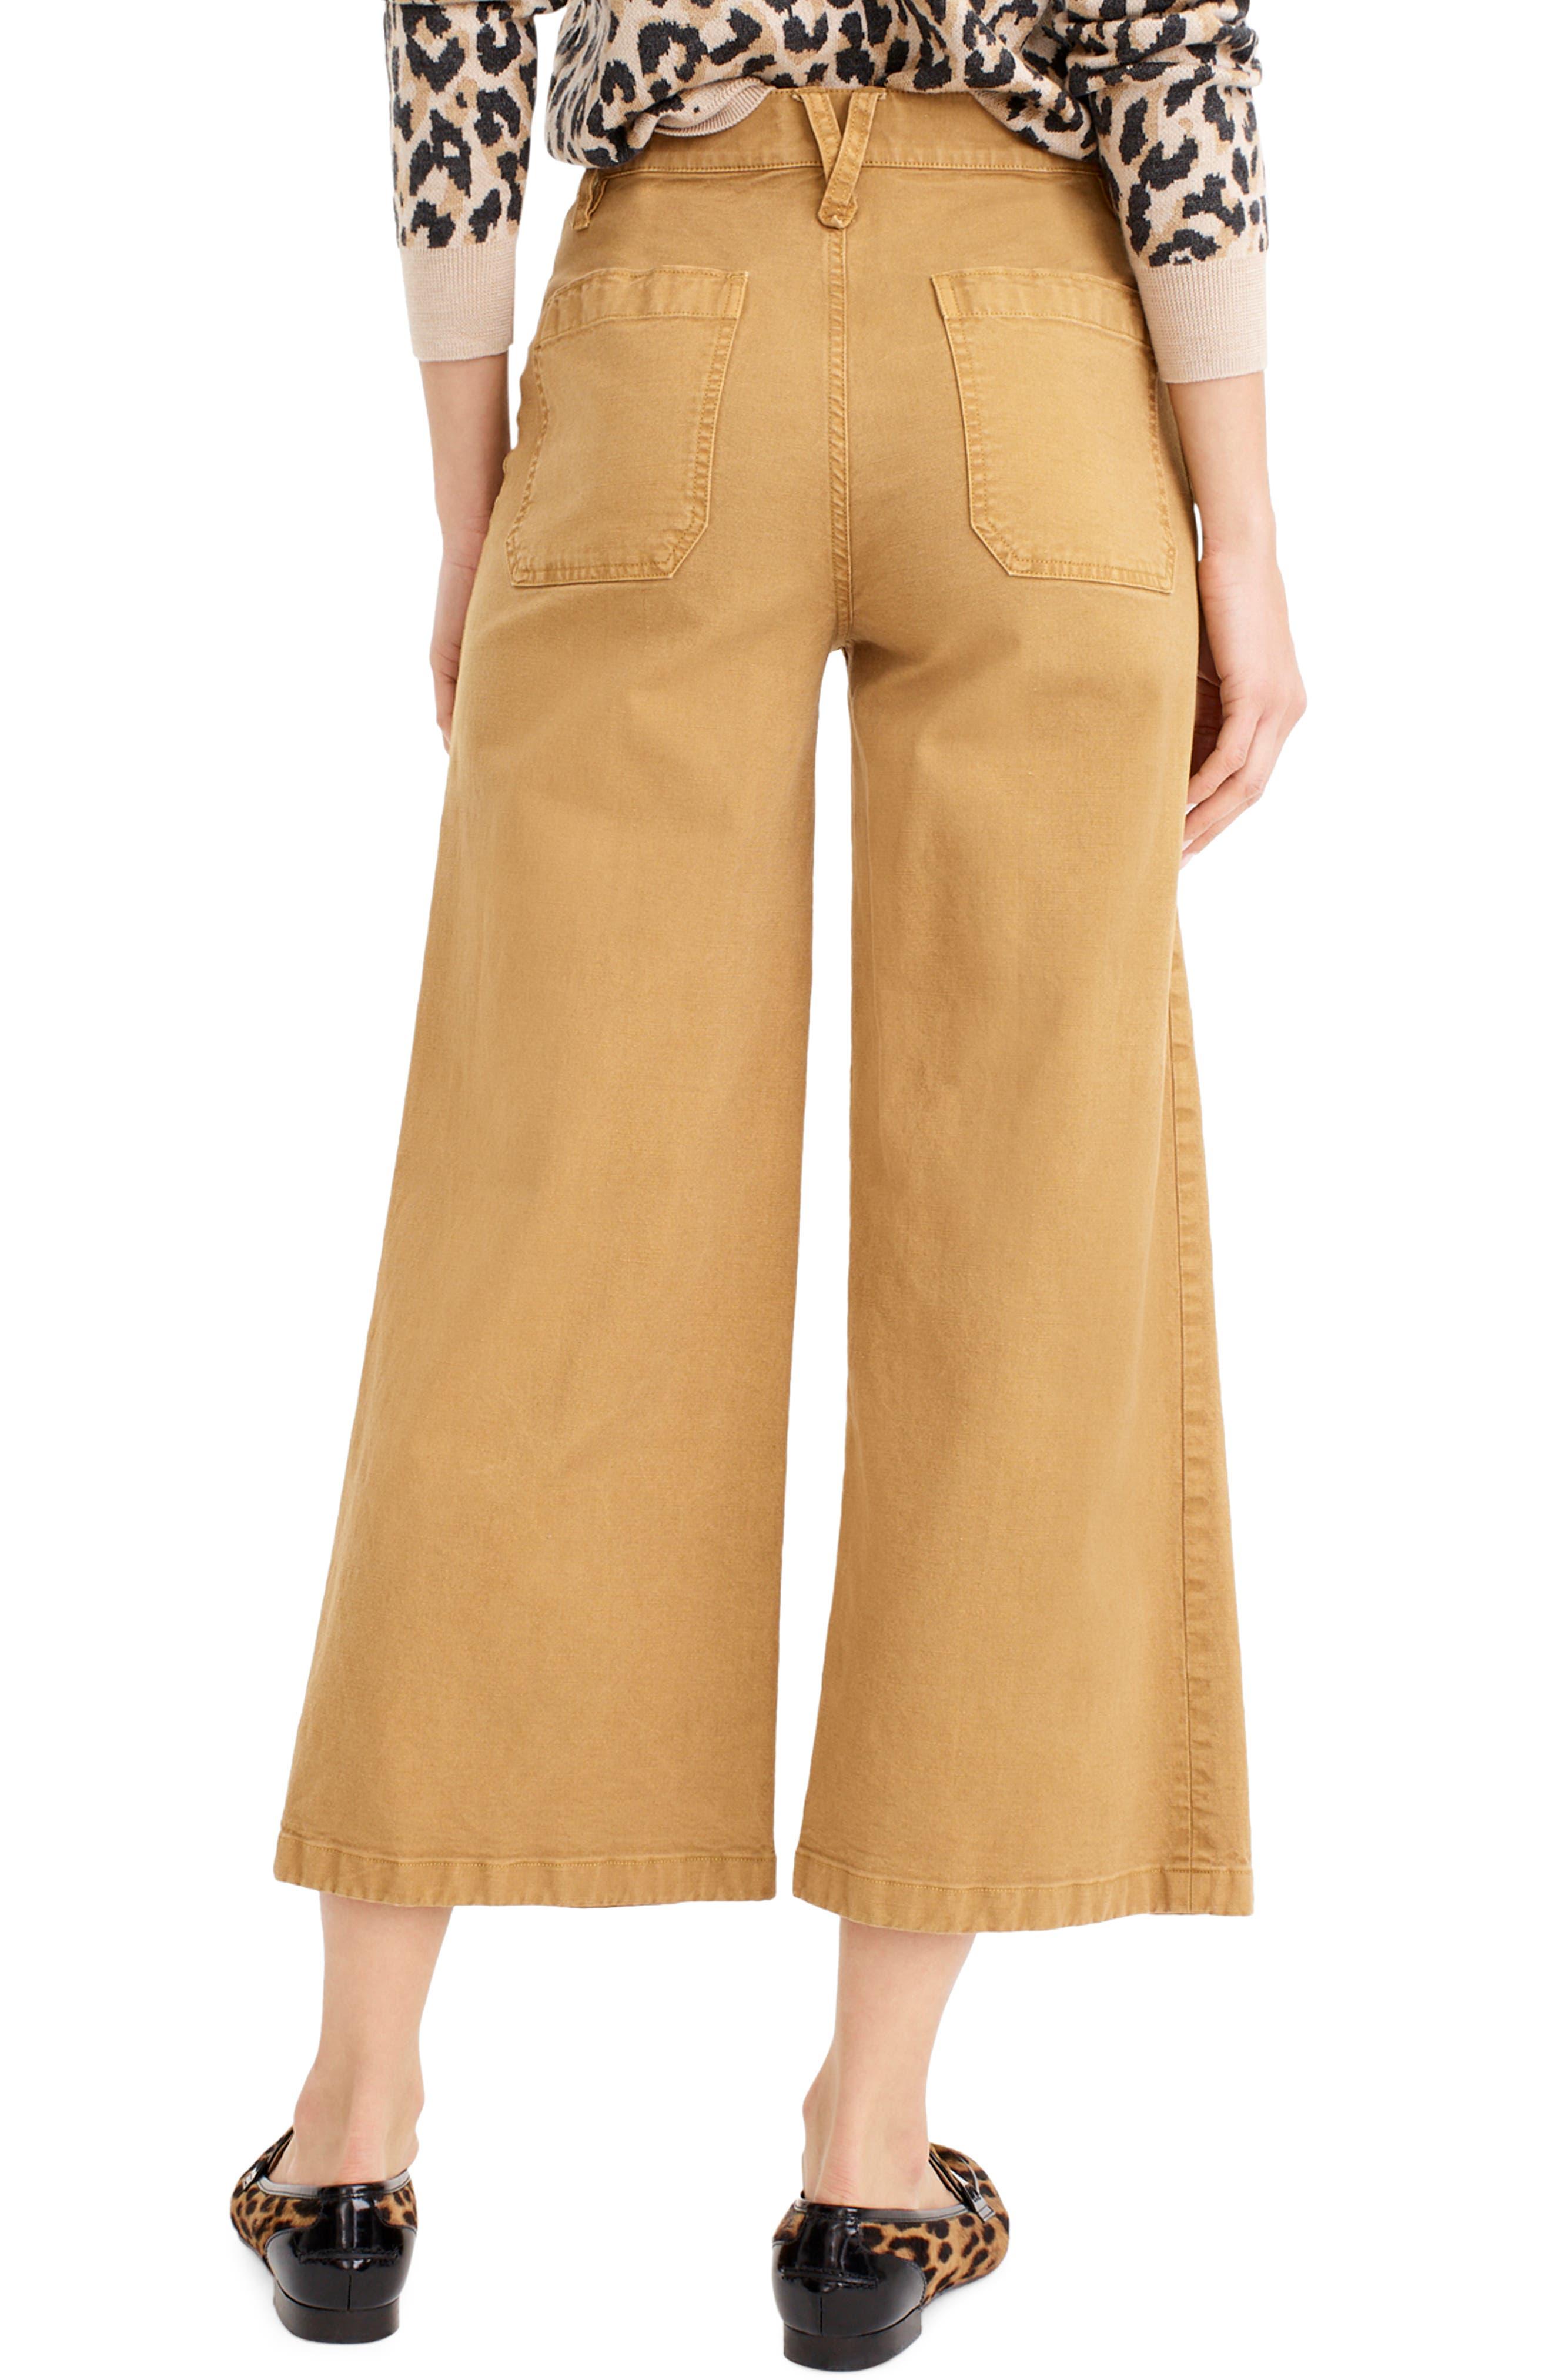 J.CREW, Point Sur Washed Wide Leg Crop Pants, Alternate thumbnail 2, color, CARAMEL